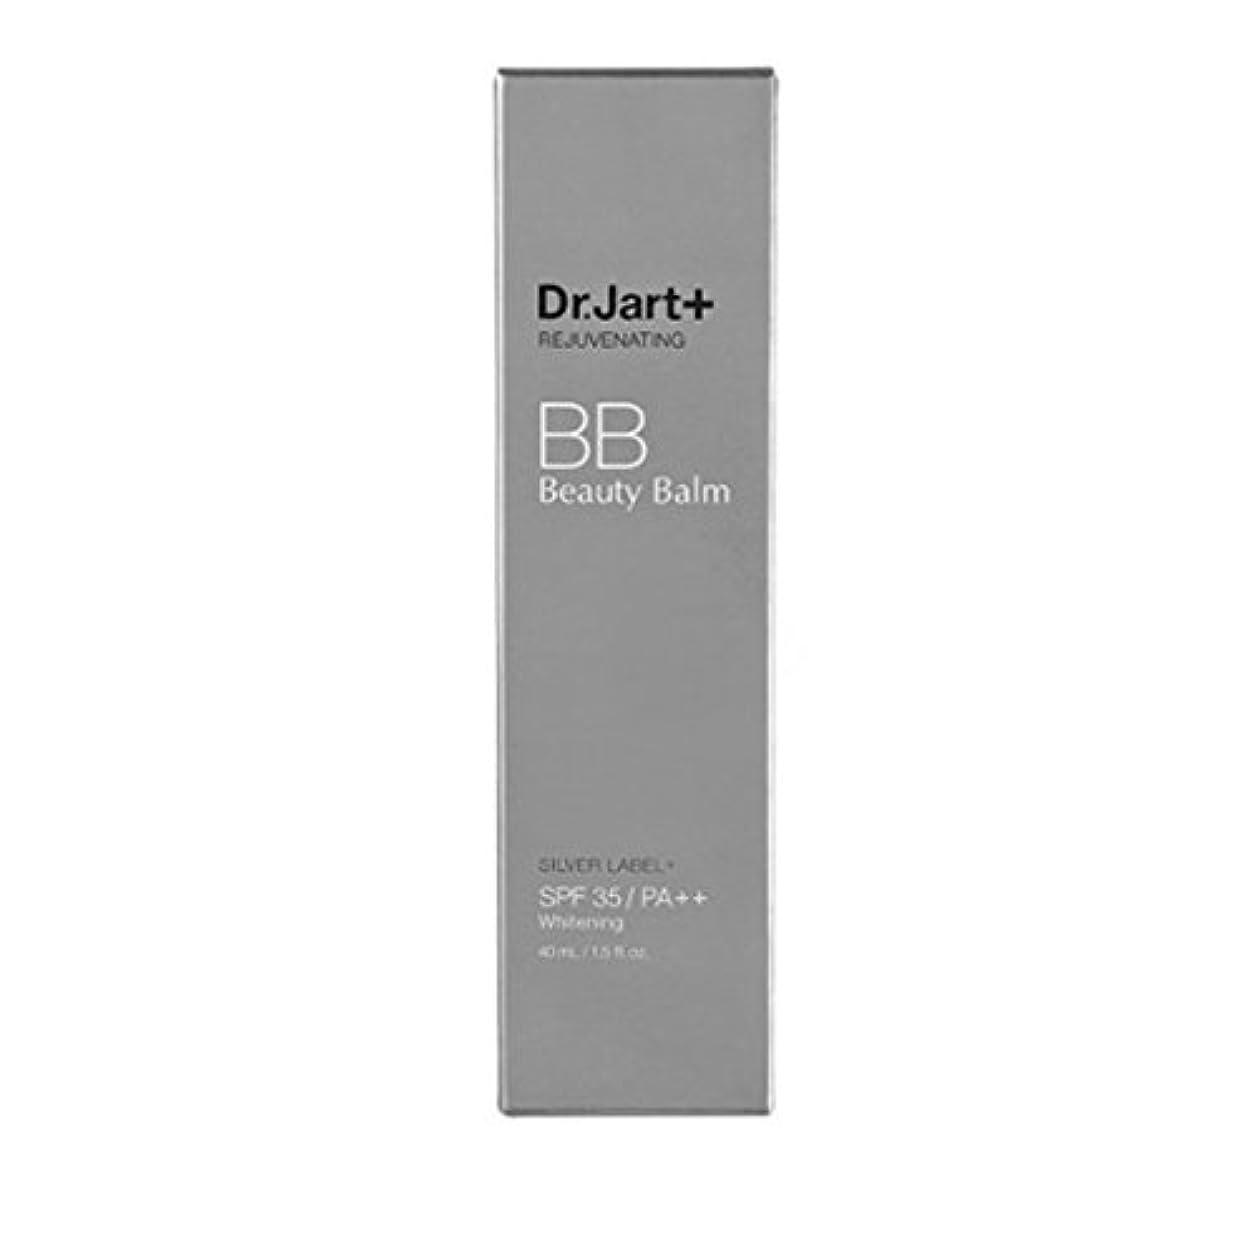 レイシンボル戦闘ドクタージャルトゥ(Dr.Jart+) リージュビネイティンビューティーbalm 40ml x 2本セットシルバーラベルBBクリーム (SPF35 / PA++)、Dr.Jart+ Rejuvenating Beauty...